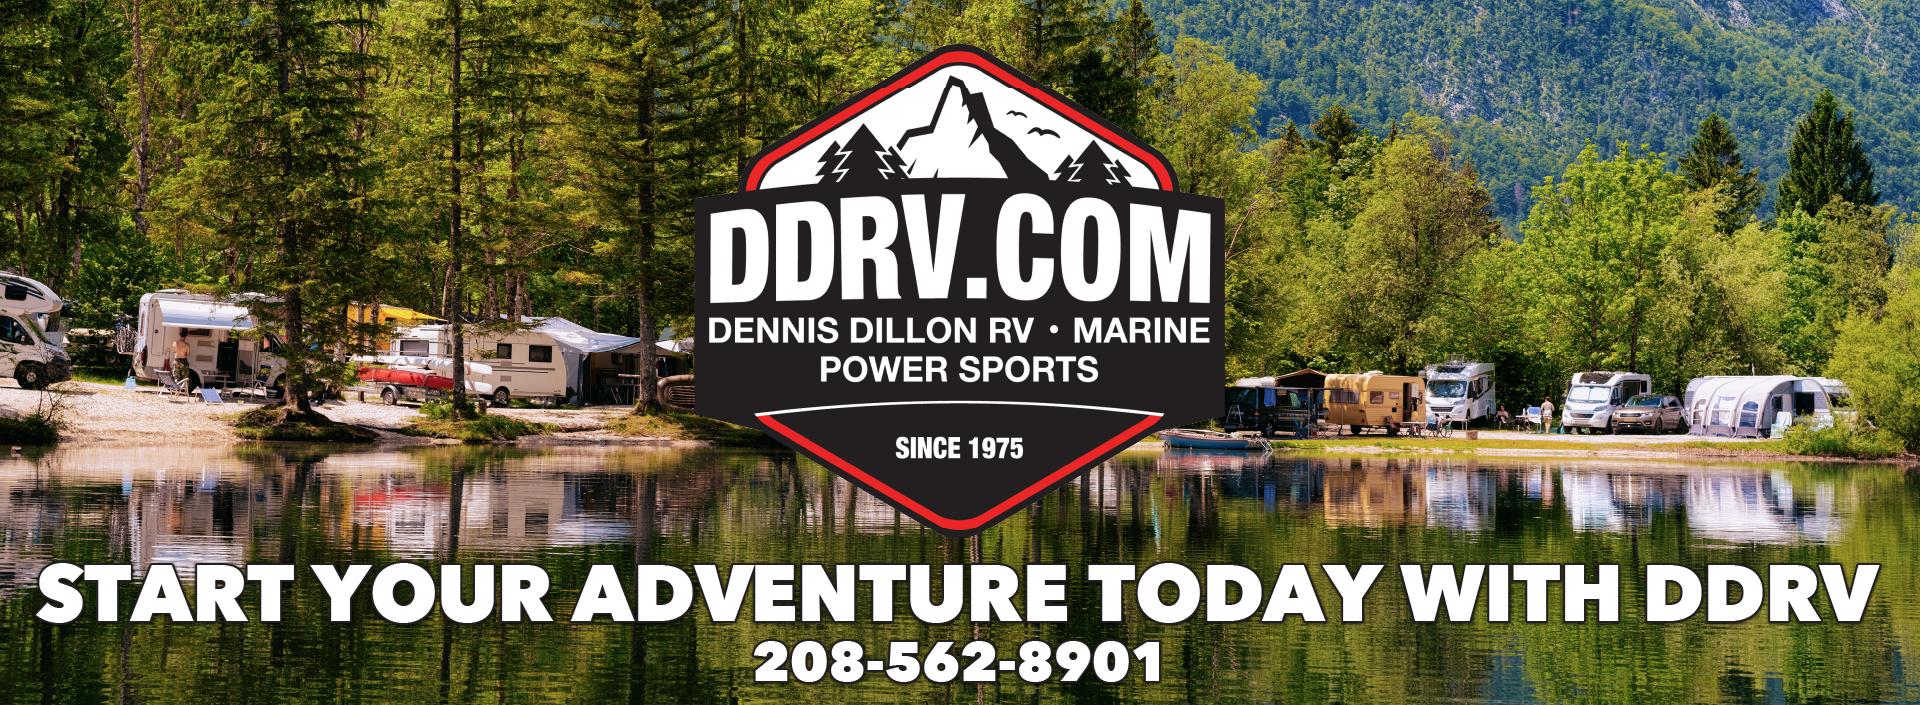 DDRV BANNER – START YOUR ADVENTURE